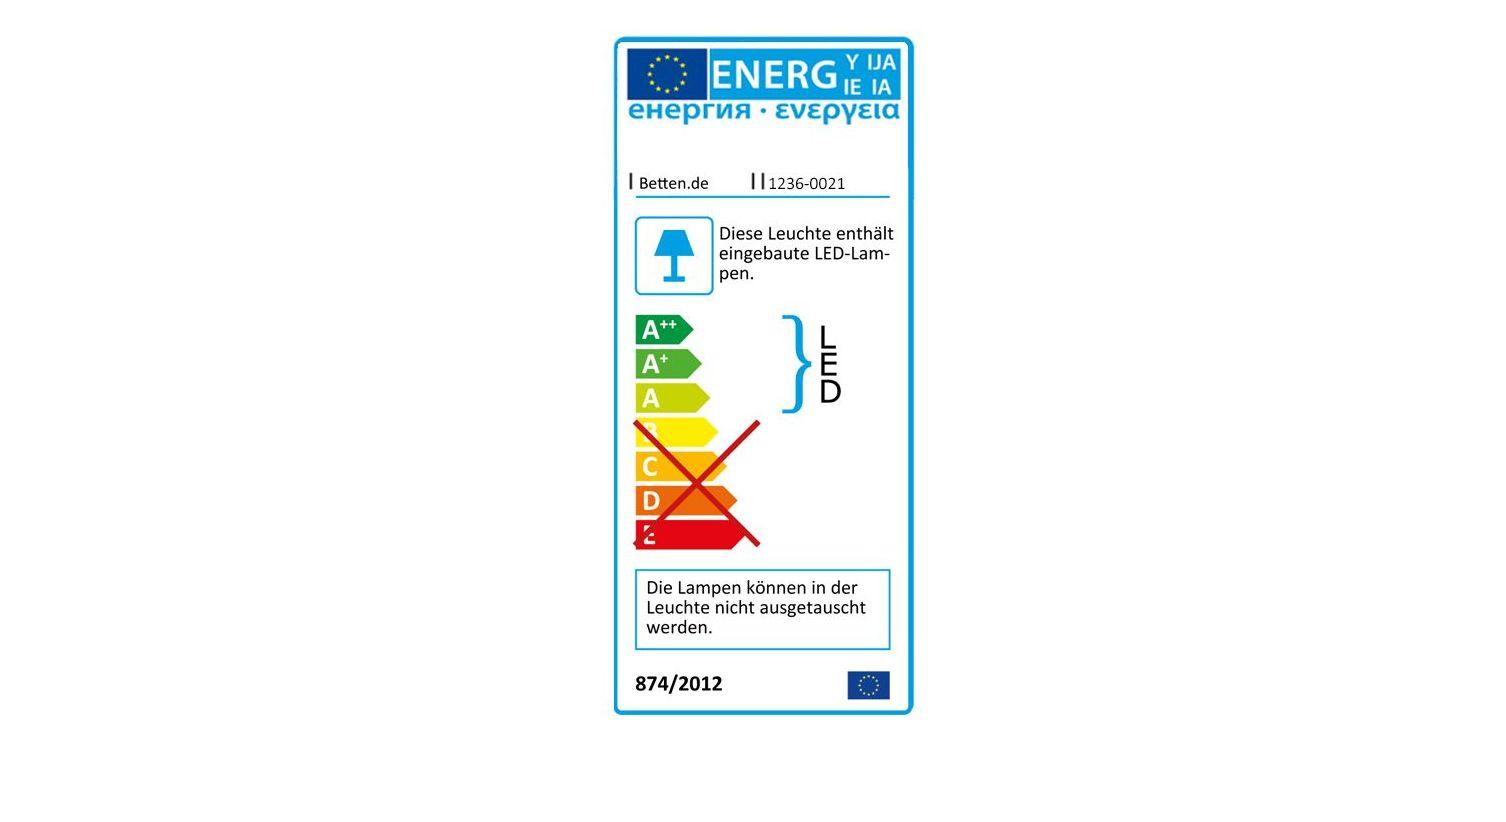 Funktions-Kleiderschrank Northvilles Energieverbrauchskennzeichnung